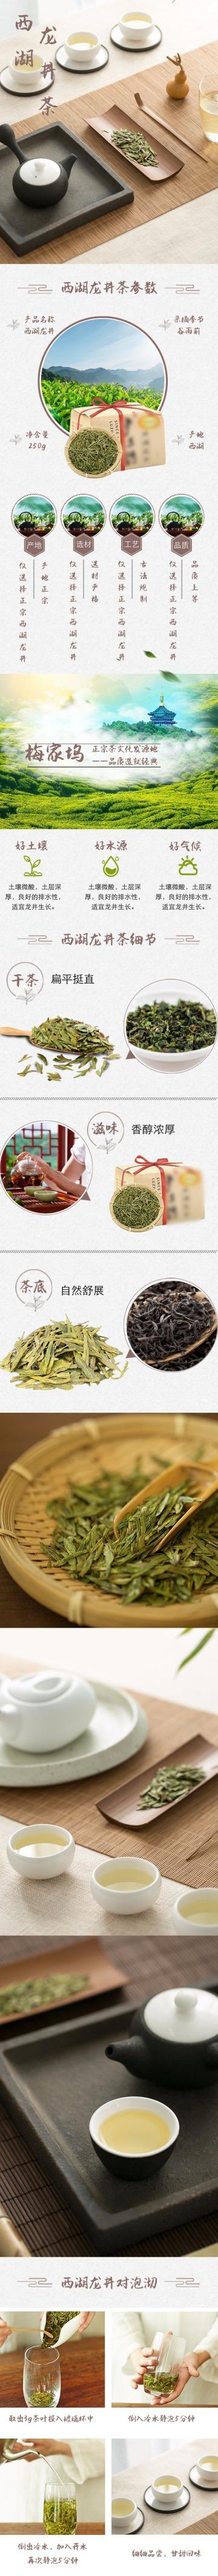 西湖龙井茶商品详情页淘宝天猫商品详情页茶叶